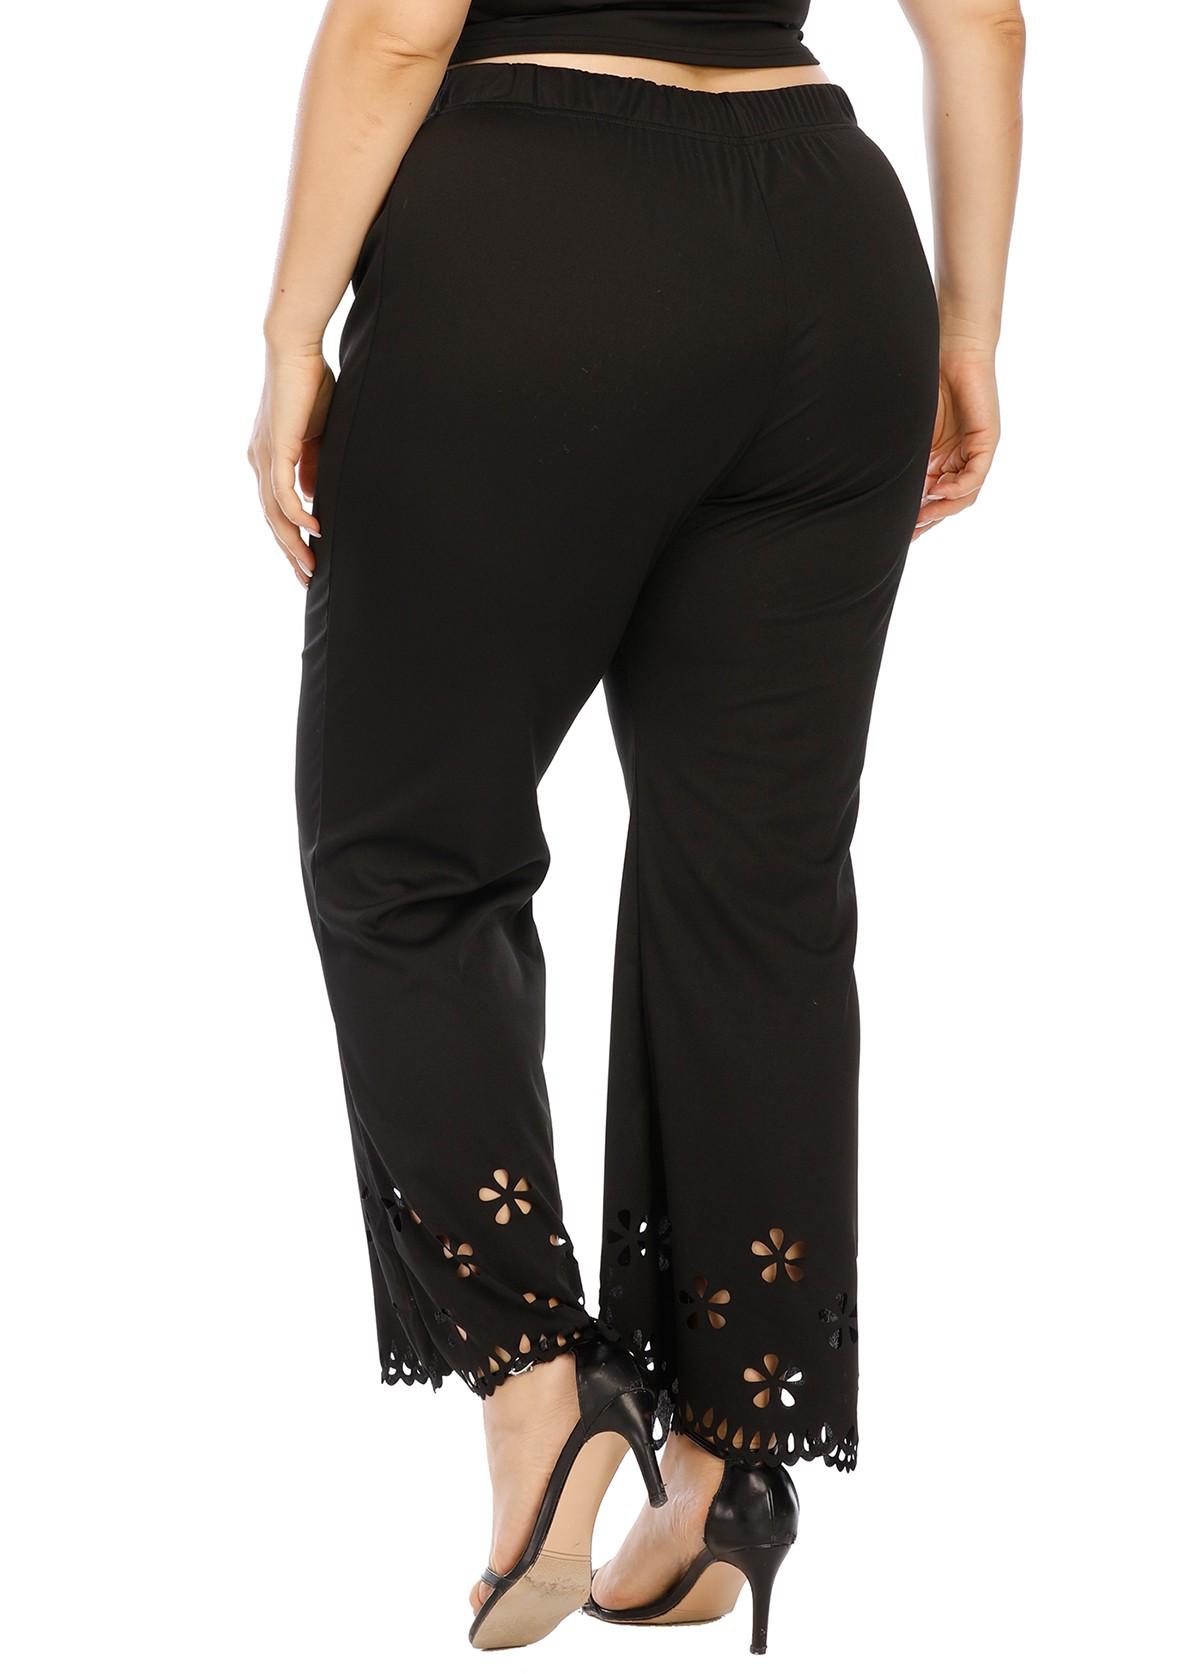 Pierced Elastic Waist Plus Size Pants